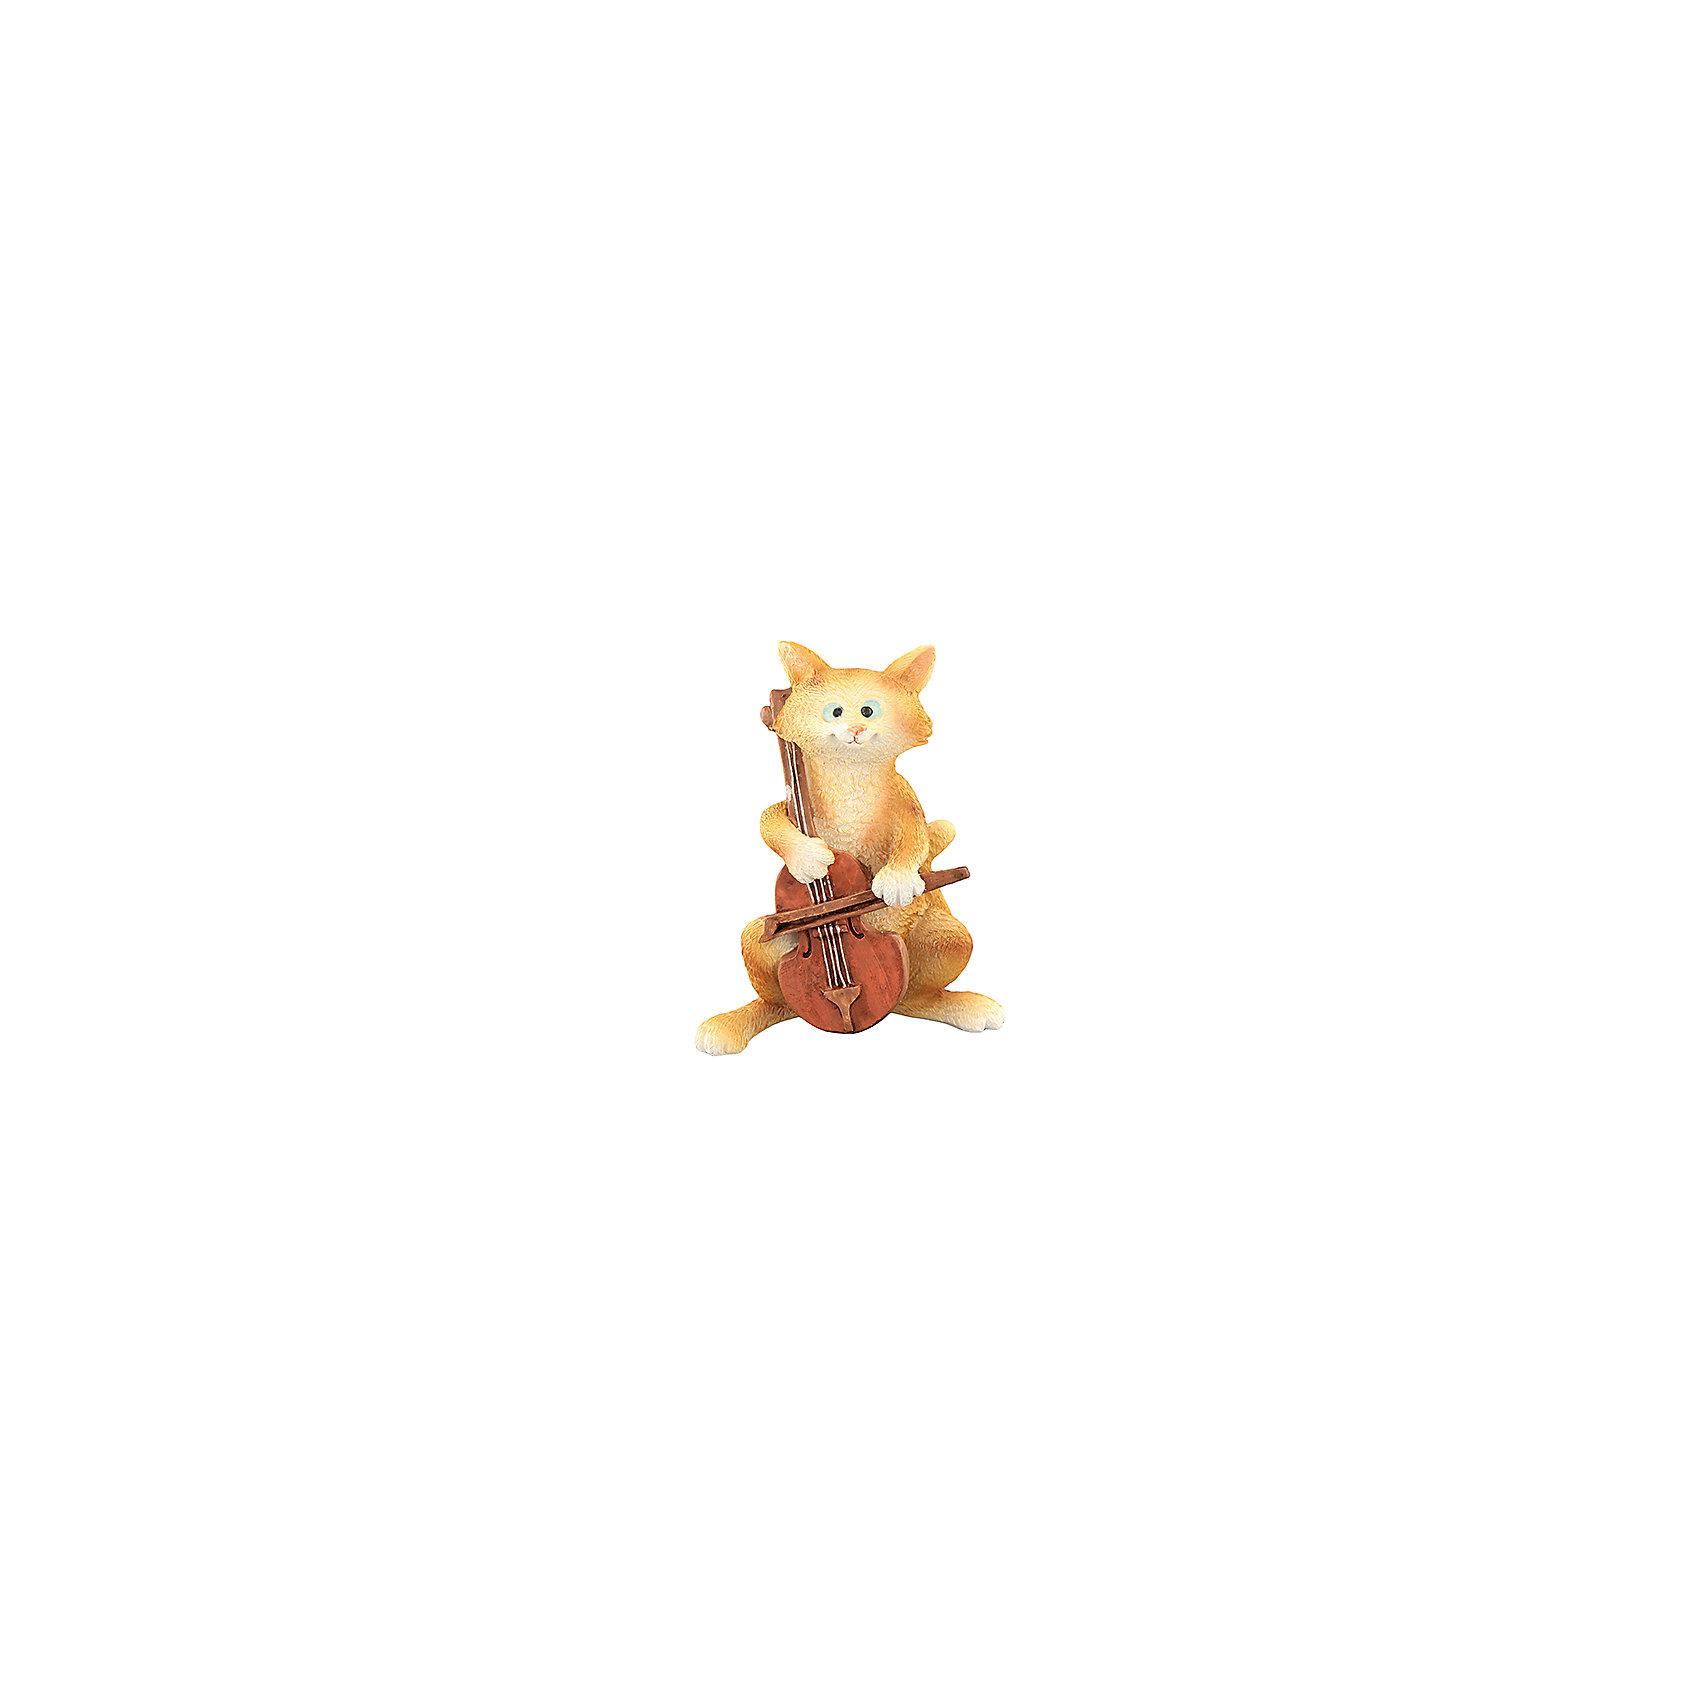 Фигурка декоративная Кот с виолончелью, Elan GalleryПредметы интерьера<br>Характеристики товара:<br><br>• цвет: мульти<br>• материал: полистоун<br>• высота: 9 см<br>• вес: 200 г<br>• подходит к любому интерьеру<br>• отлично проработаны детали<br>• универсальный размер<br>• страна бренда: Российская Федерация<br>• страна производства: Китай<br><br>Такая декоративная фигурка - отличный пример красивой вещи для любого интерьера. Благодаря универсальному дизайну и расцветке она хорошо будет смотреться в помещении.<br><br>Декоративная фигурка может стать отличным приобретением для дома или подарком для любителей симпатичных вещей, украшающих пространство.<br><br>Бренд Elan Gallery - это красивые и практичные товары для дома с современным дизайном. Они добавляют в жильё уюта и комфорта! <br><br>Фигурку декоративную Кот с виолончелью Elan Gallery можно купить в нашем интернет-магазине.<br><br>Ширина мм: 118<br>Глубина мм: 70<br>Высота мм: 98<br>Вес г: 222<br>Возраст от месяцев: 0<br>Возраст до месяцев: 1188<br>Пол: Унисекс<br>Возраст: Детский<br>SKU: 6668999